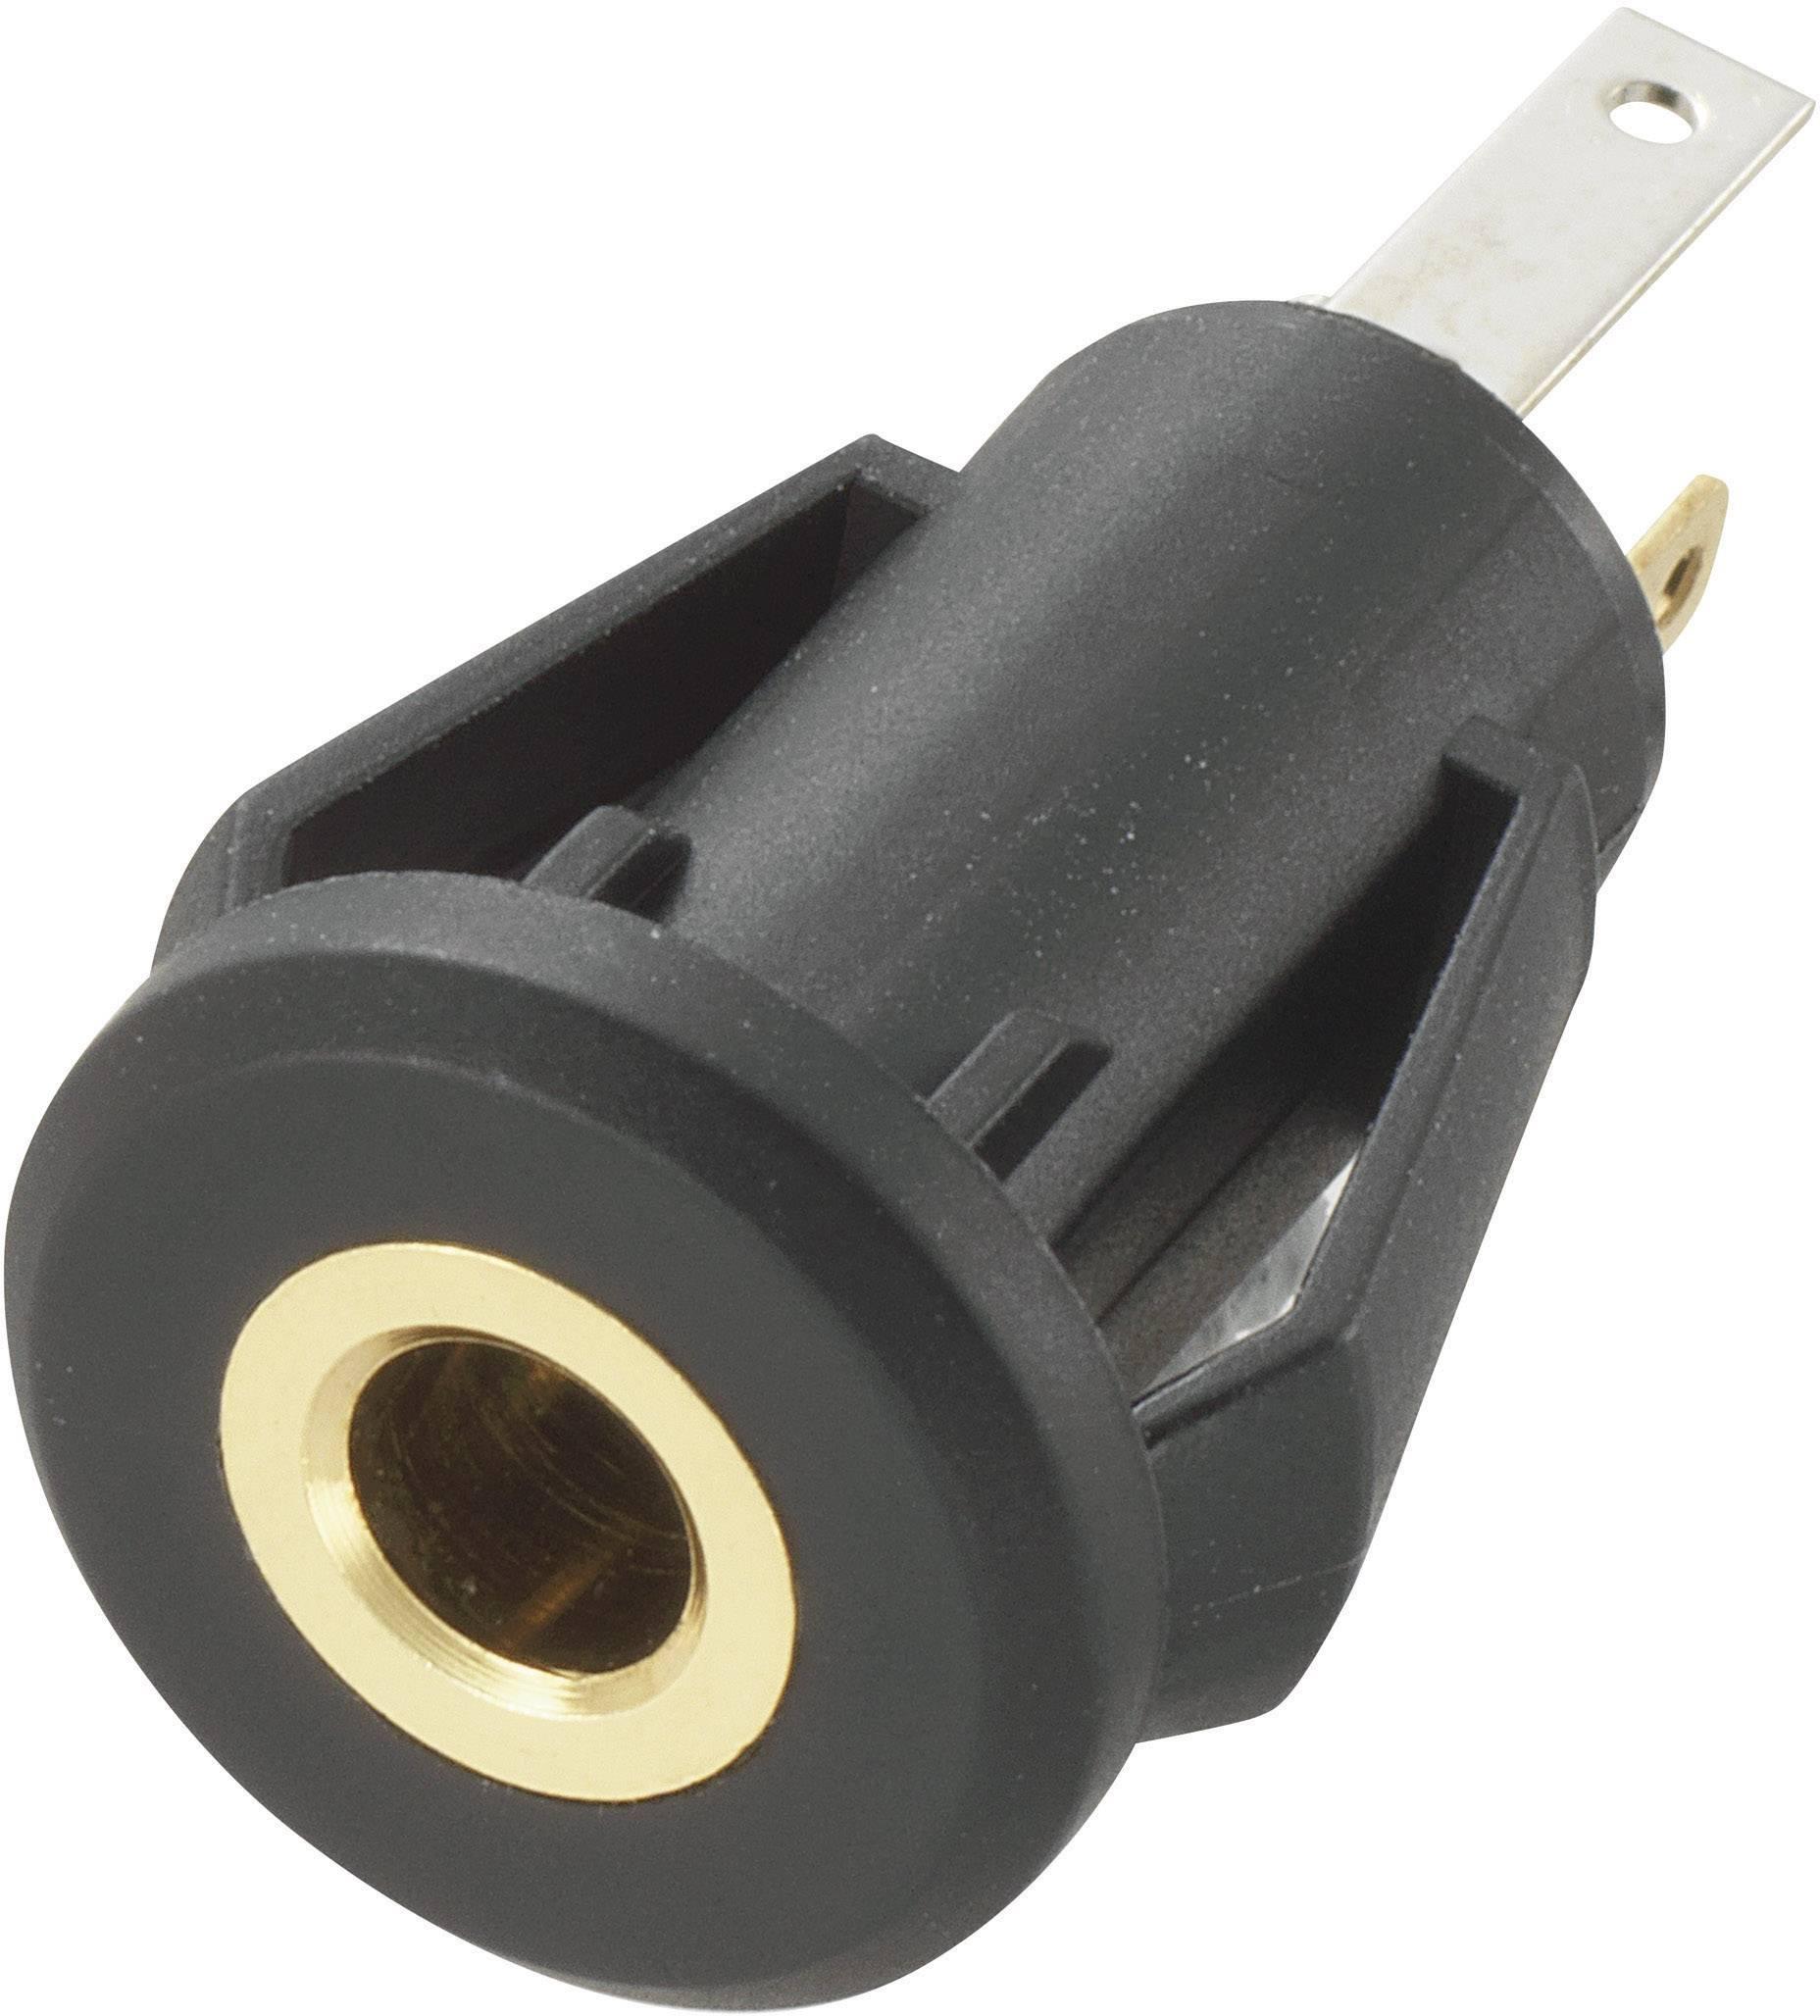 Jack konektor 3.5 mm TRU COMPONENTS stereo zásuvka, vstavateľná vertikálna, pólů 3, čierna, 1 ks